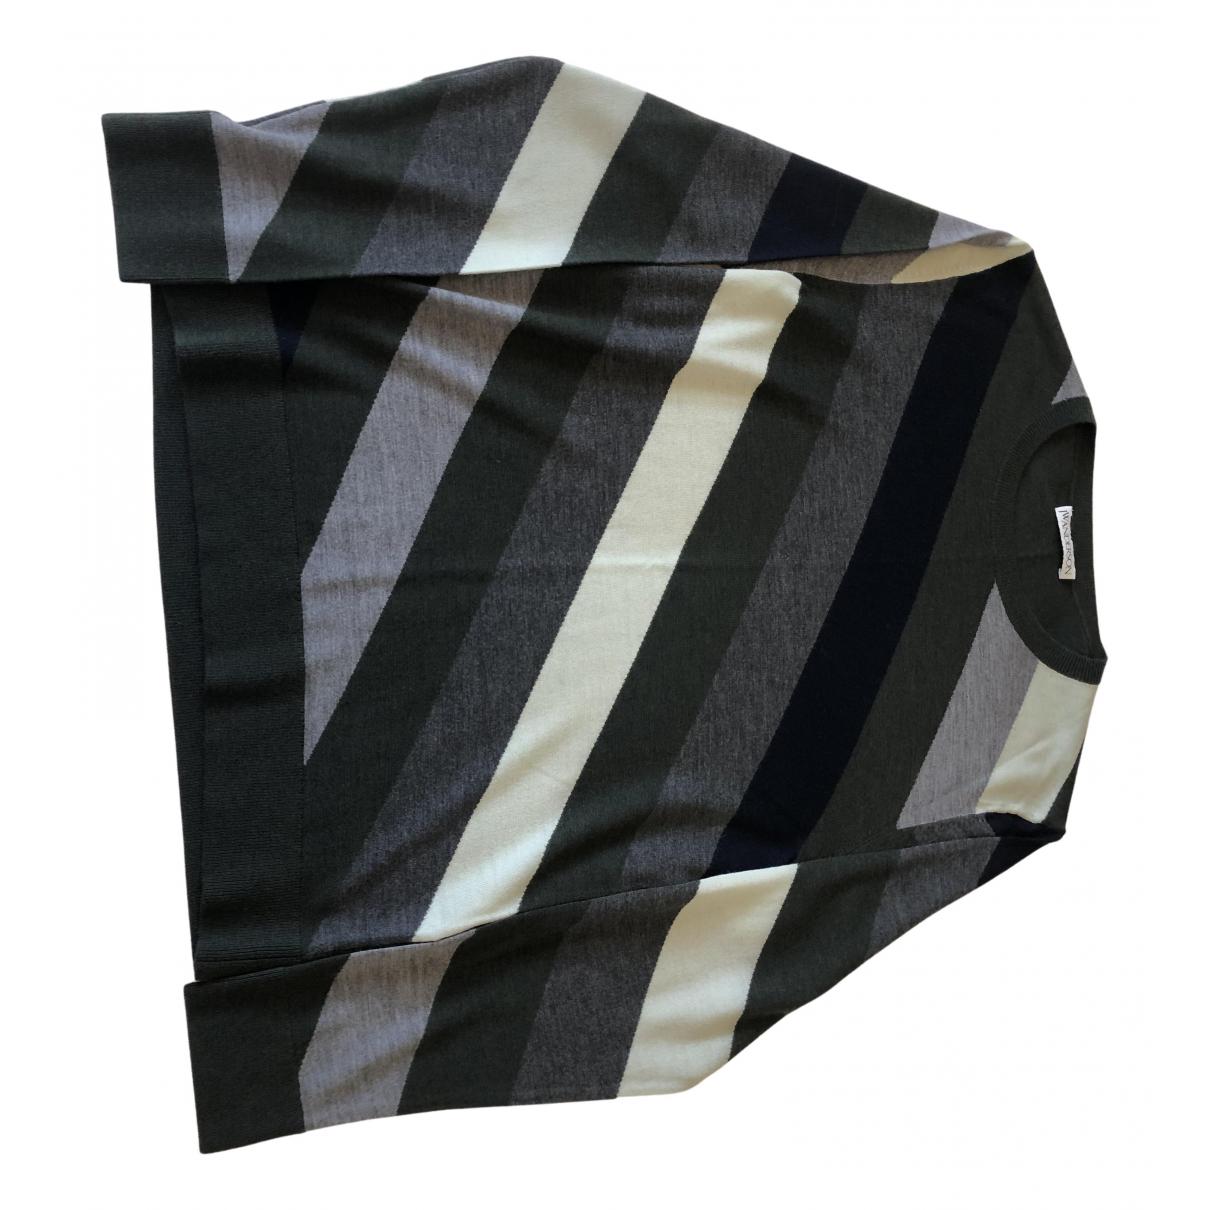 J.w. Anderson N Multicolour Wool Knitwear & Sweatshirts for Men M International